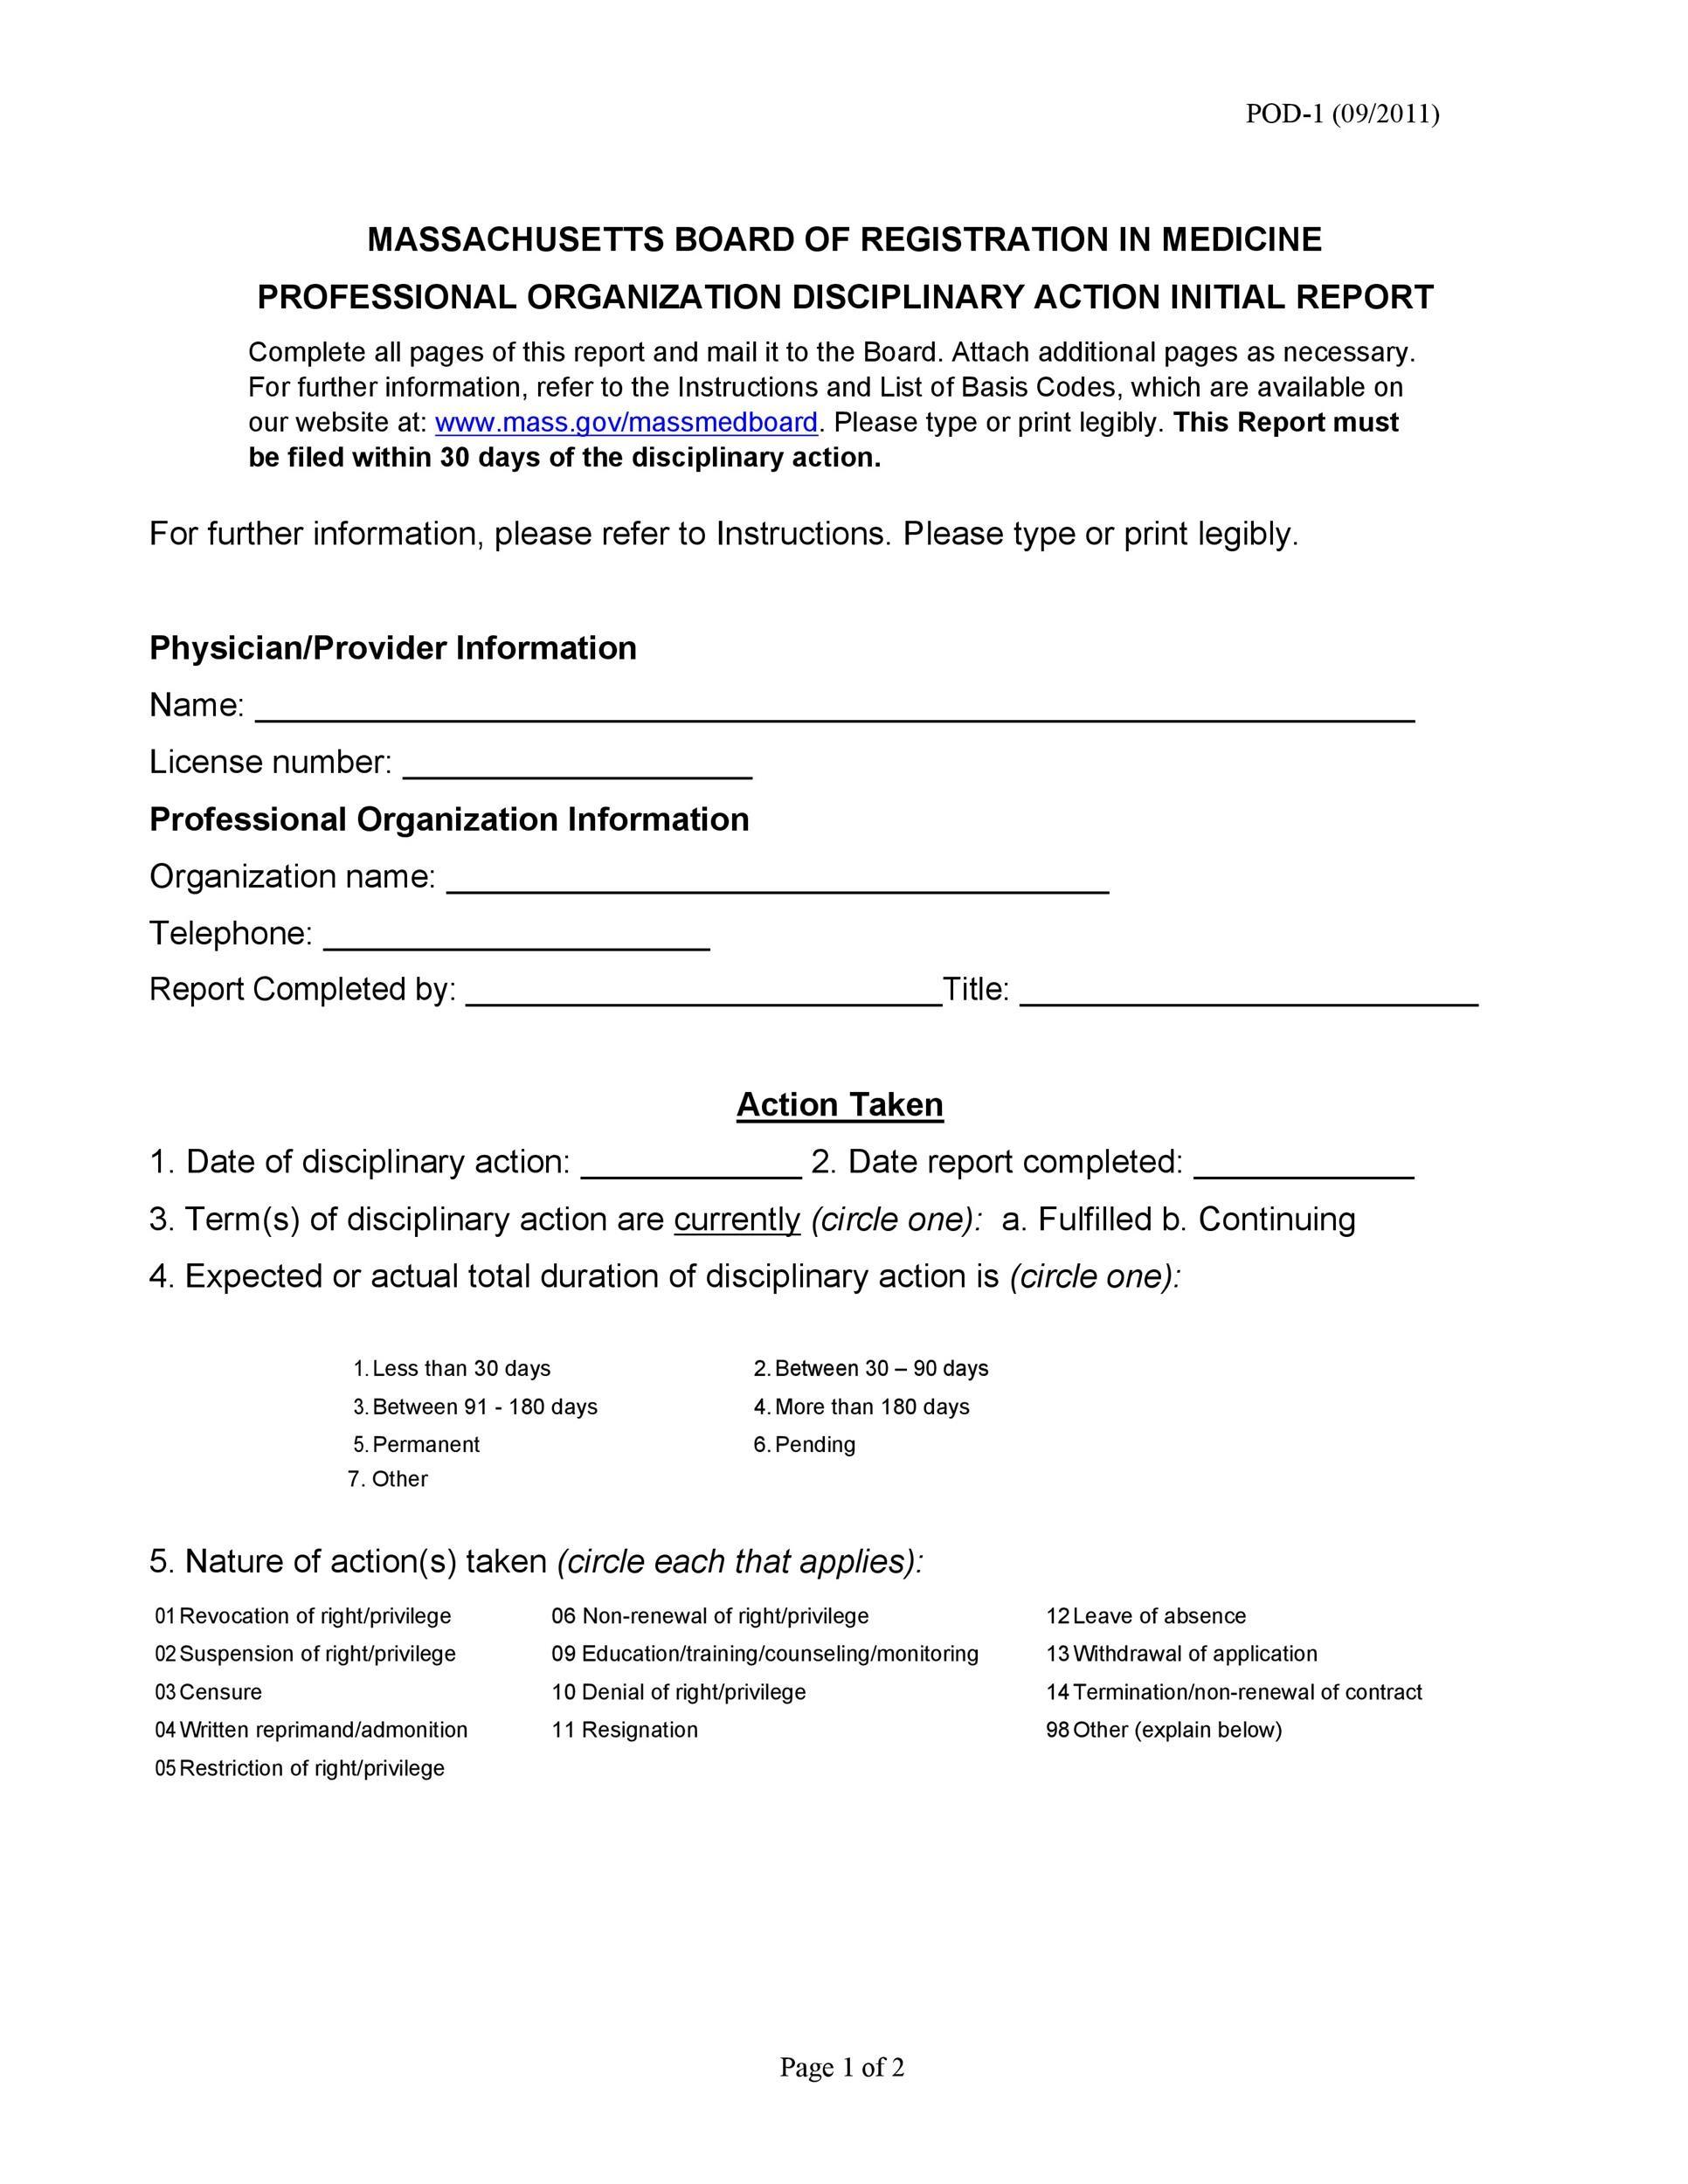 Discipline Form Template  BesikEightyCo